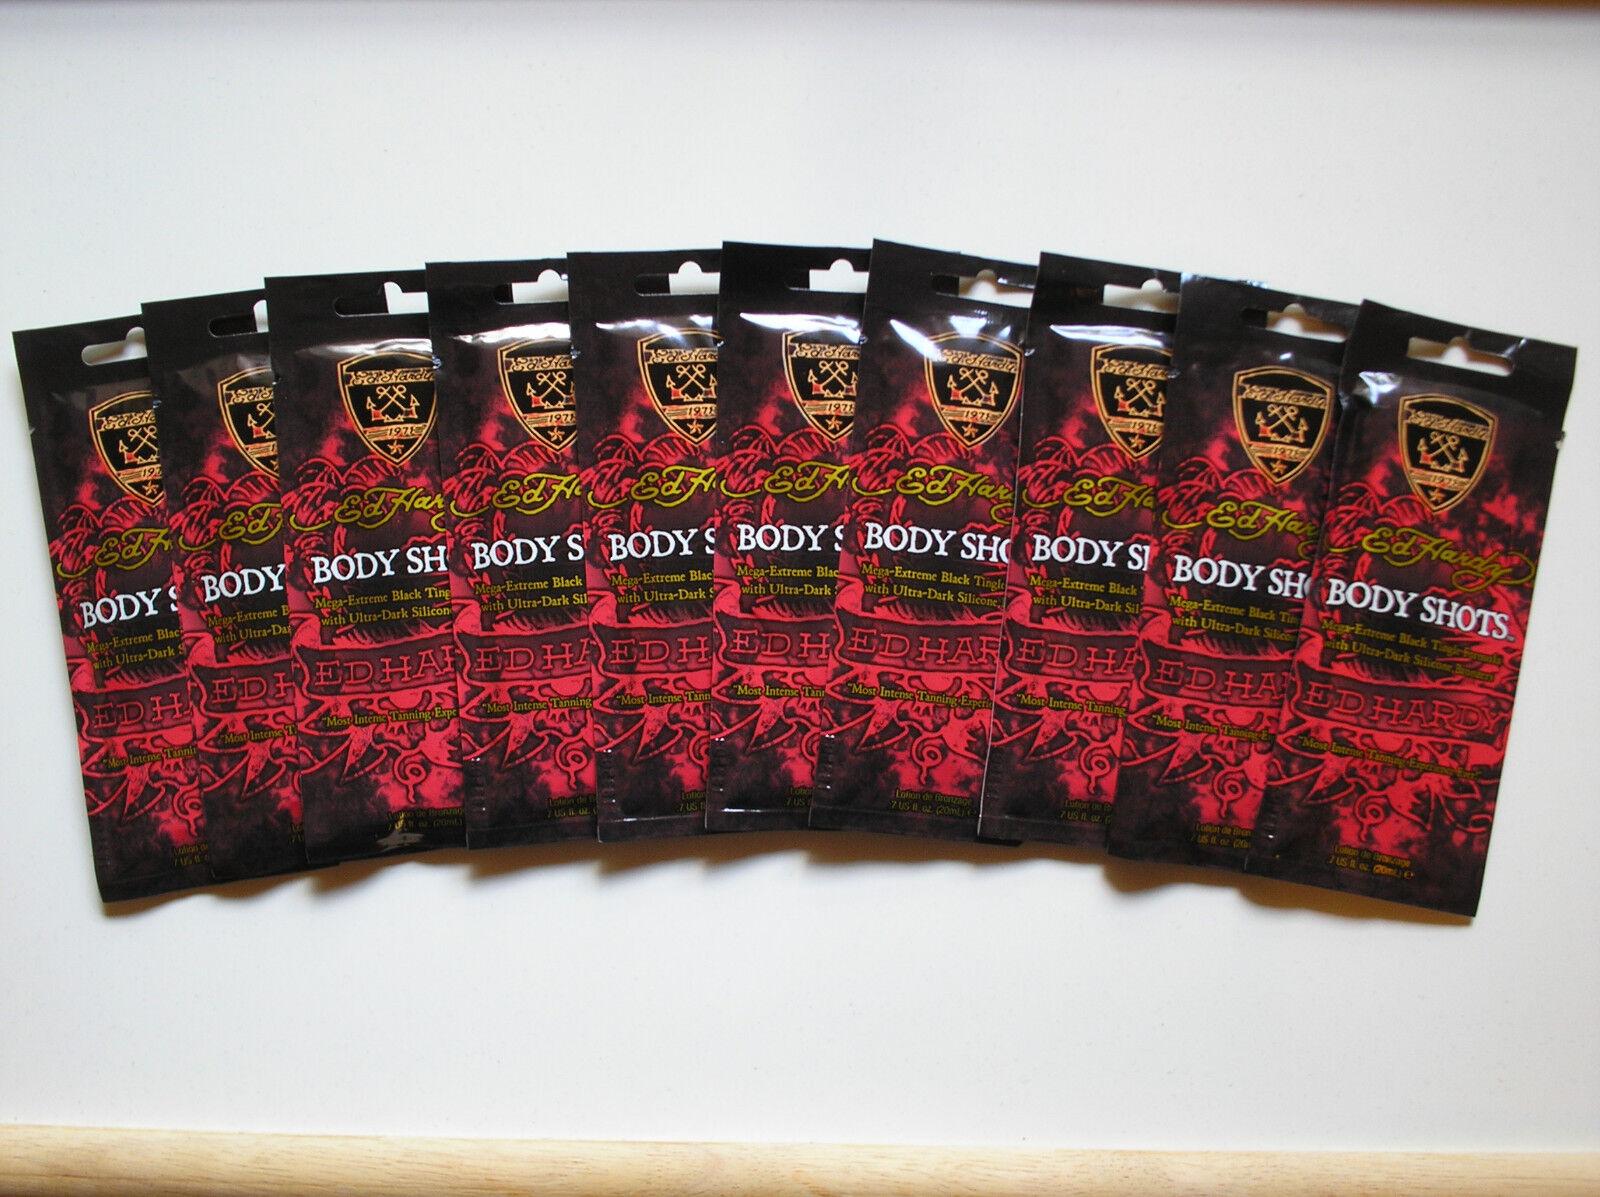 3 packets 2011 Ed Hardy Body Shots Mega Extreme Black Tingle